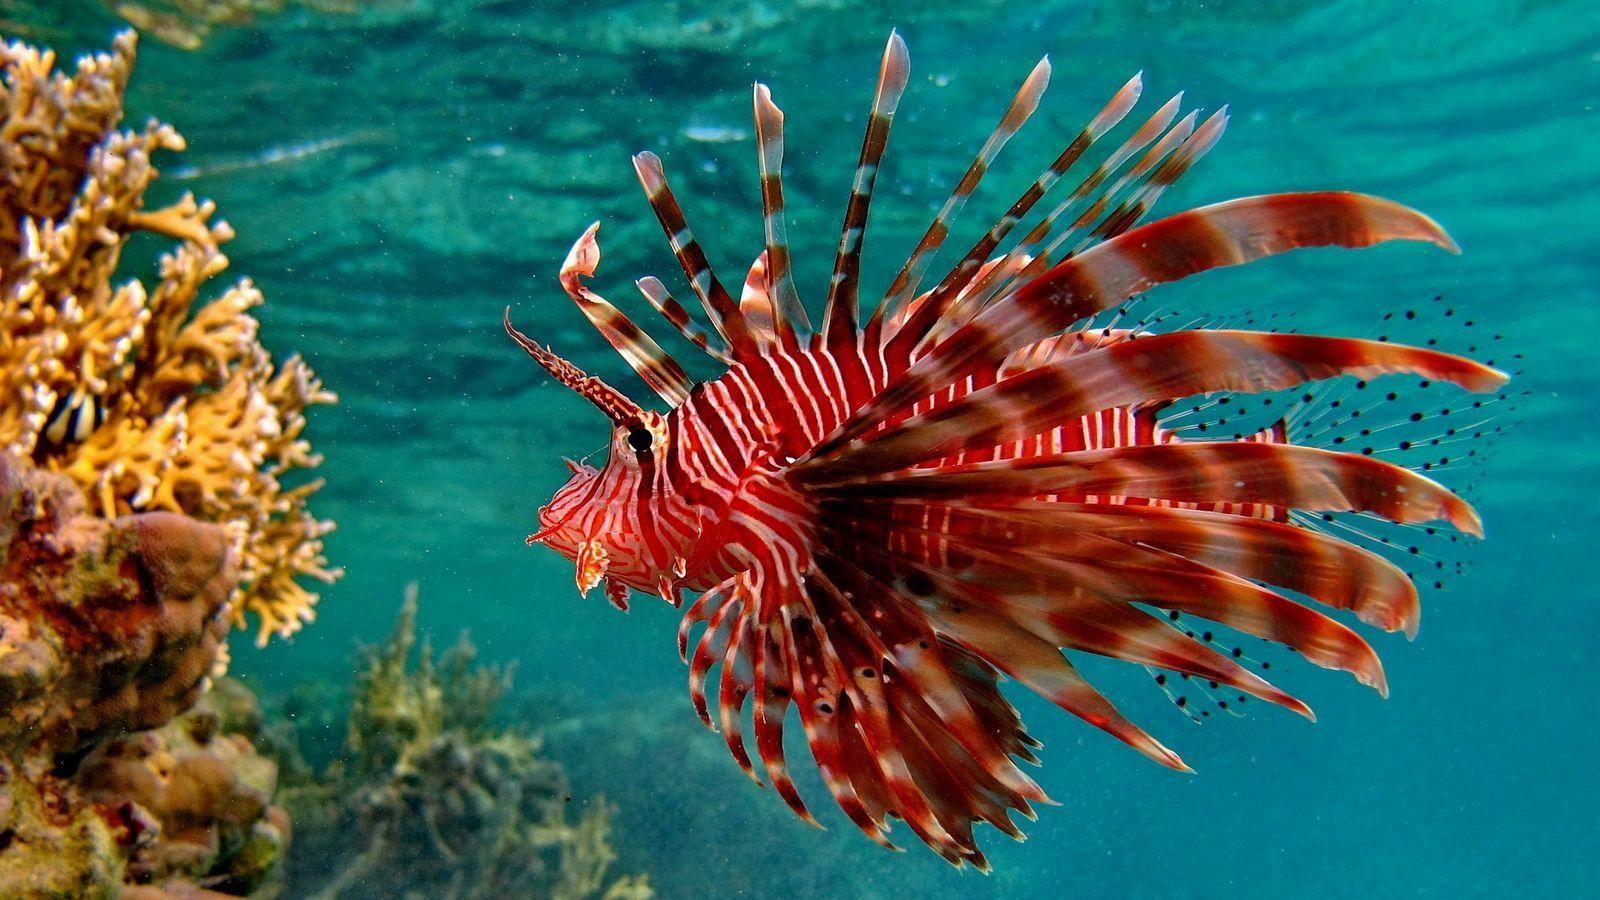 Hd wallpaper live - Beautiful Fish Wallpapers Free Download Hd Wallpapers Pop 1600 900 Live Fish Wallpaper For Desktop